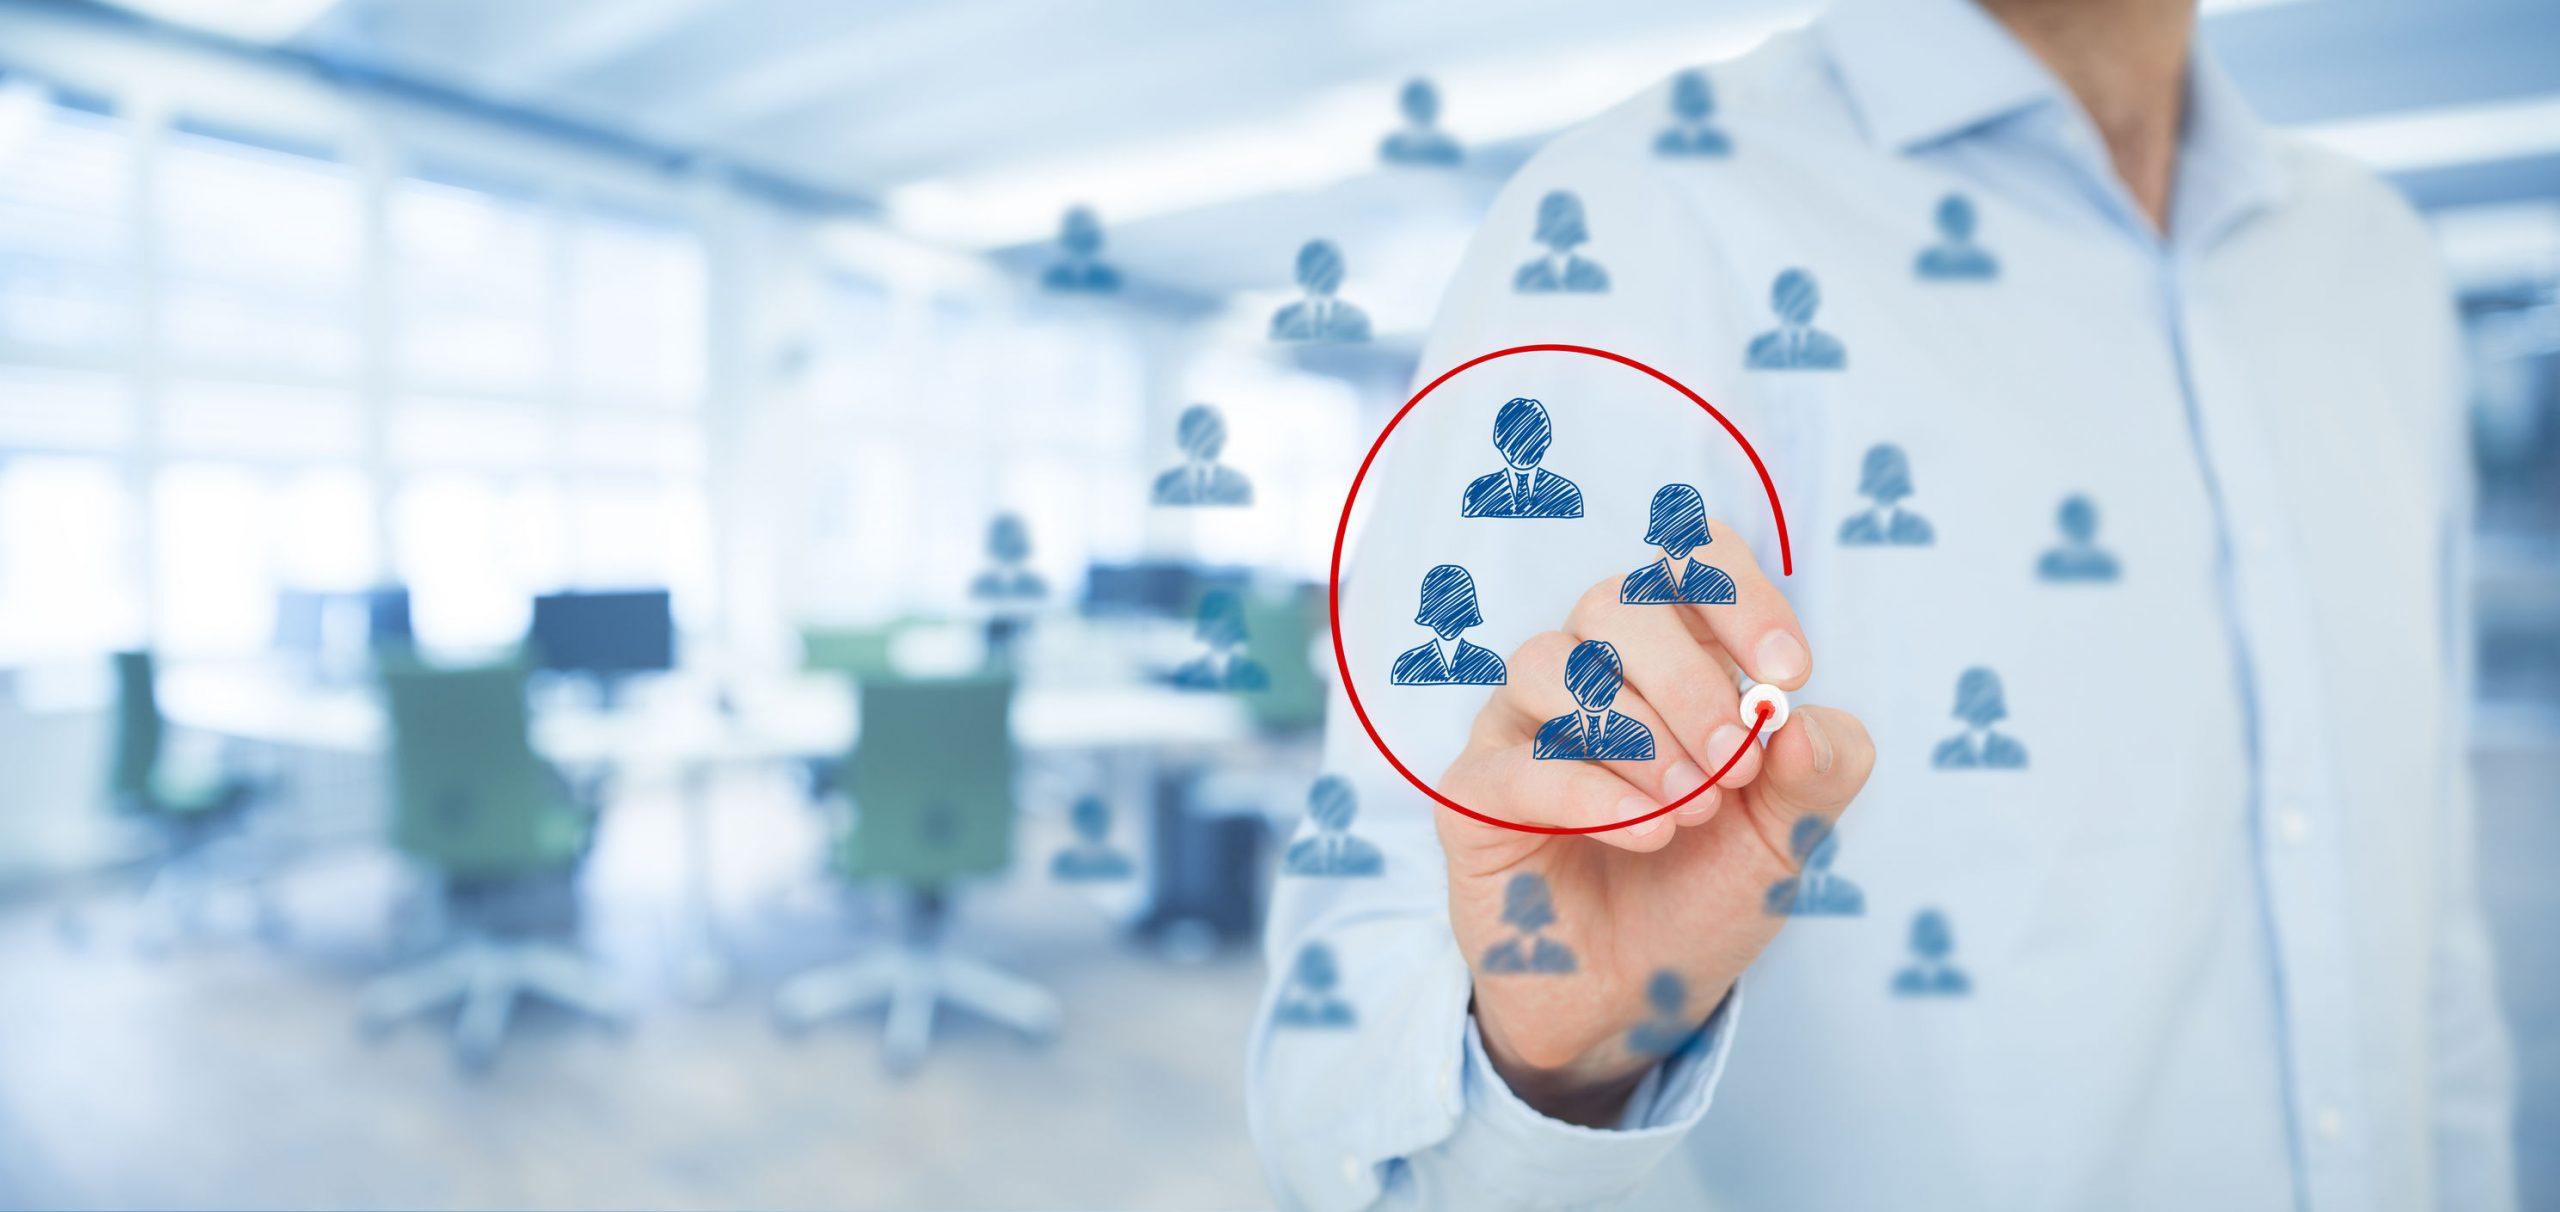 Hầu hết doanh nghiệp đều băn khoăn trong việc lựa chọn công ty phần mềm uy tín